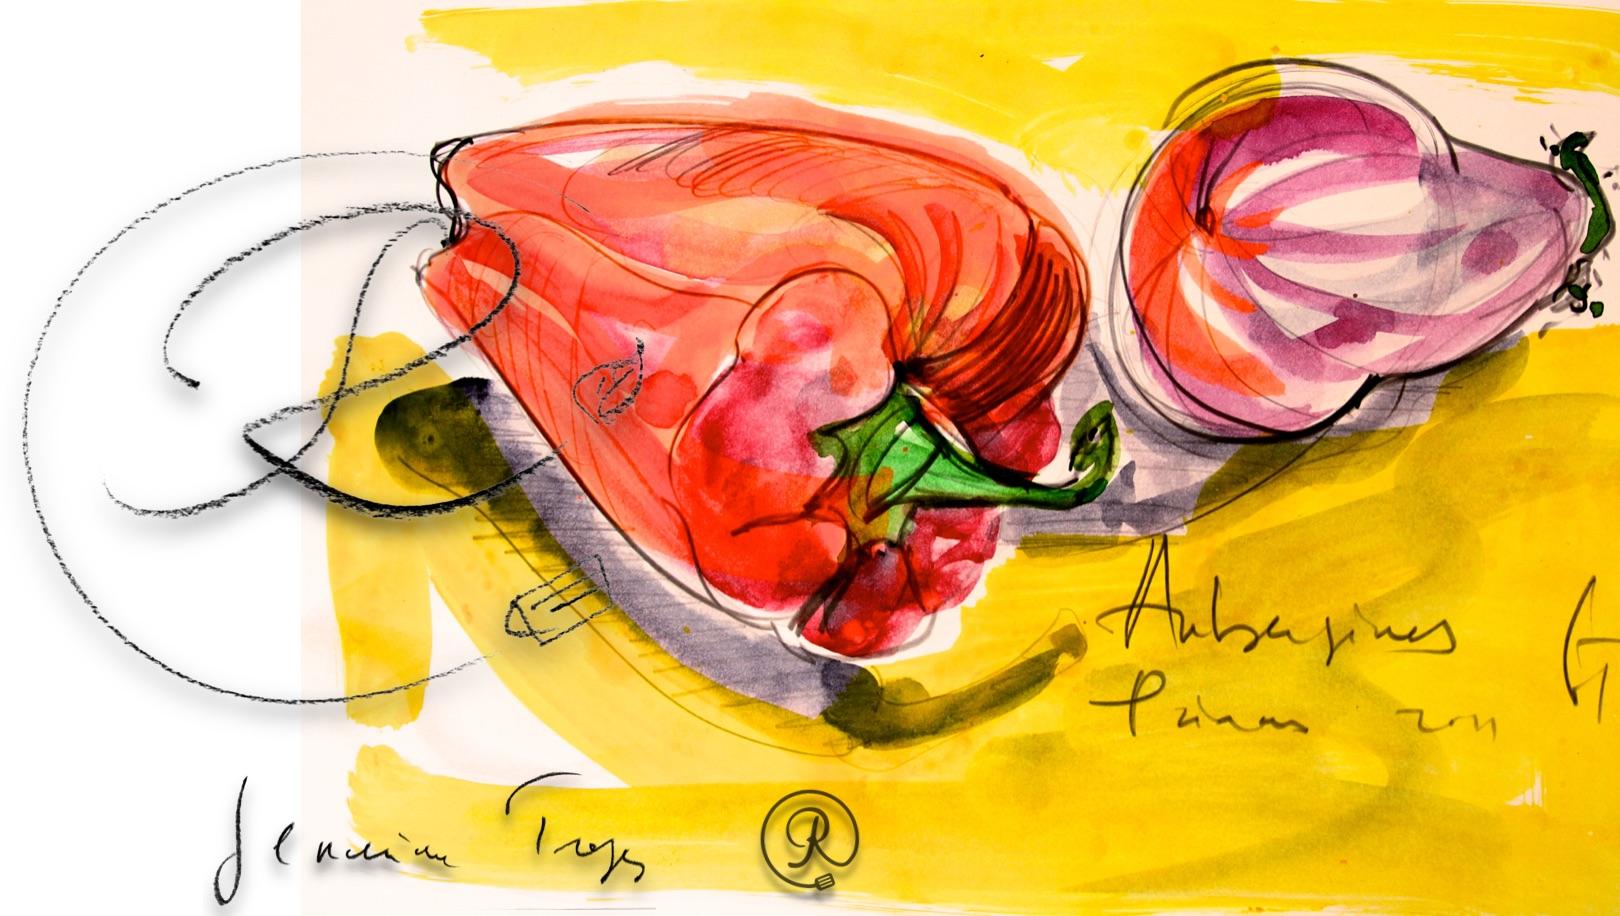 poivron-fresque-blog